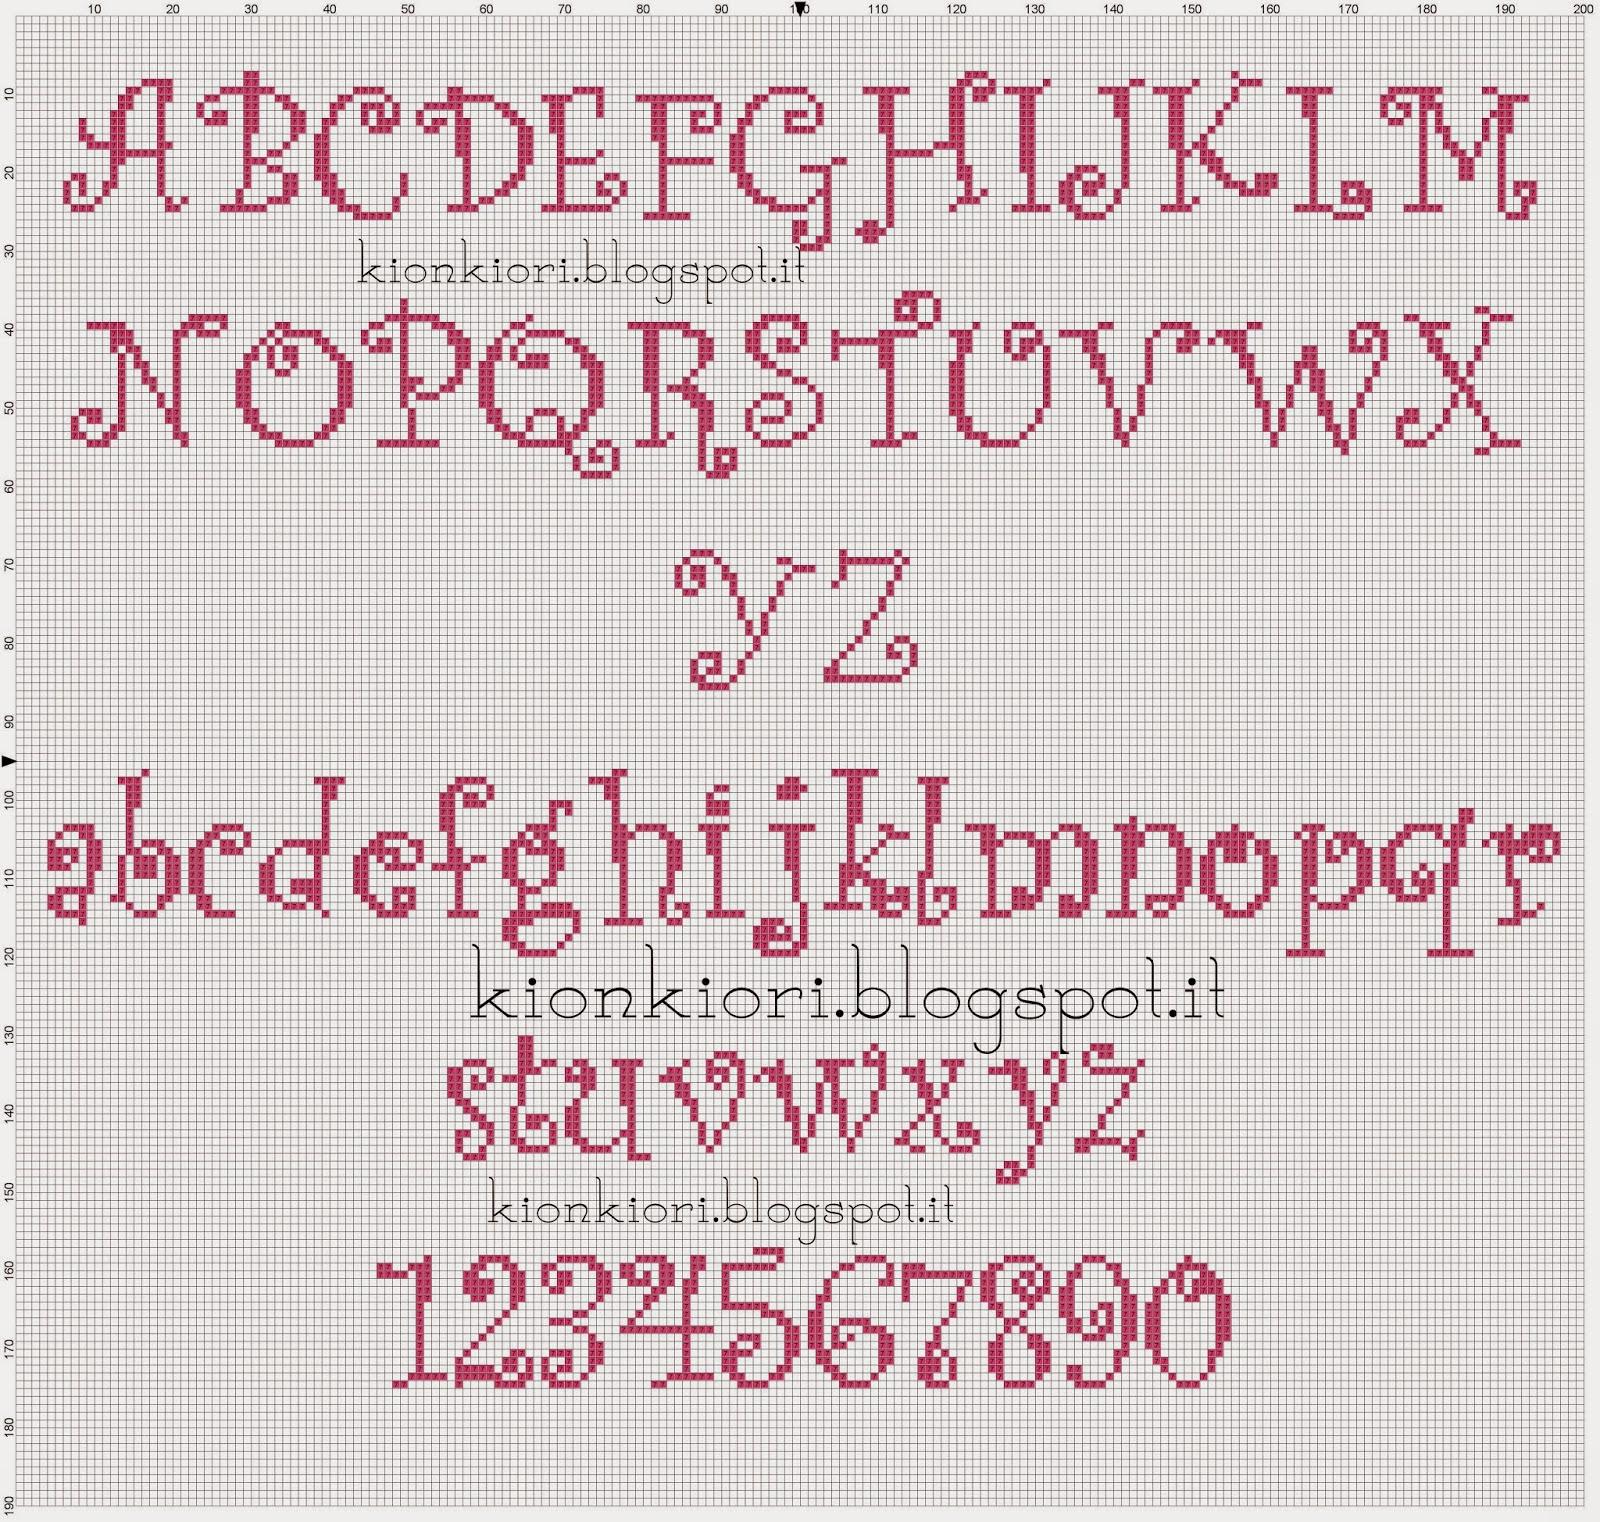 Kionkiori punto croce un due tre alfabeti for Schemi punto croce alfabeto bambini